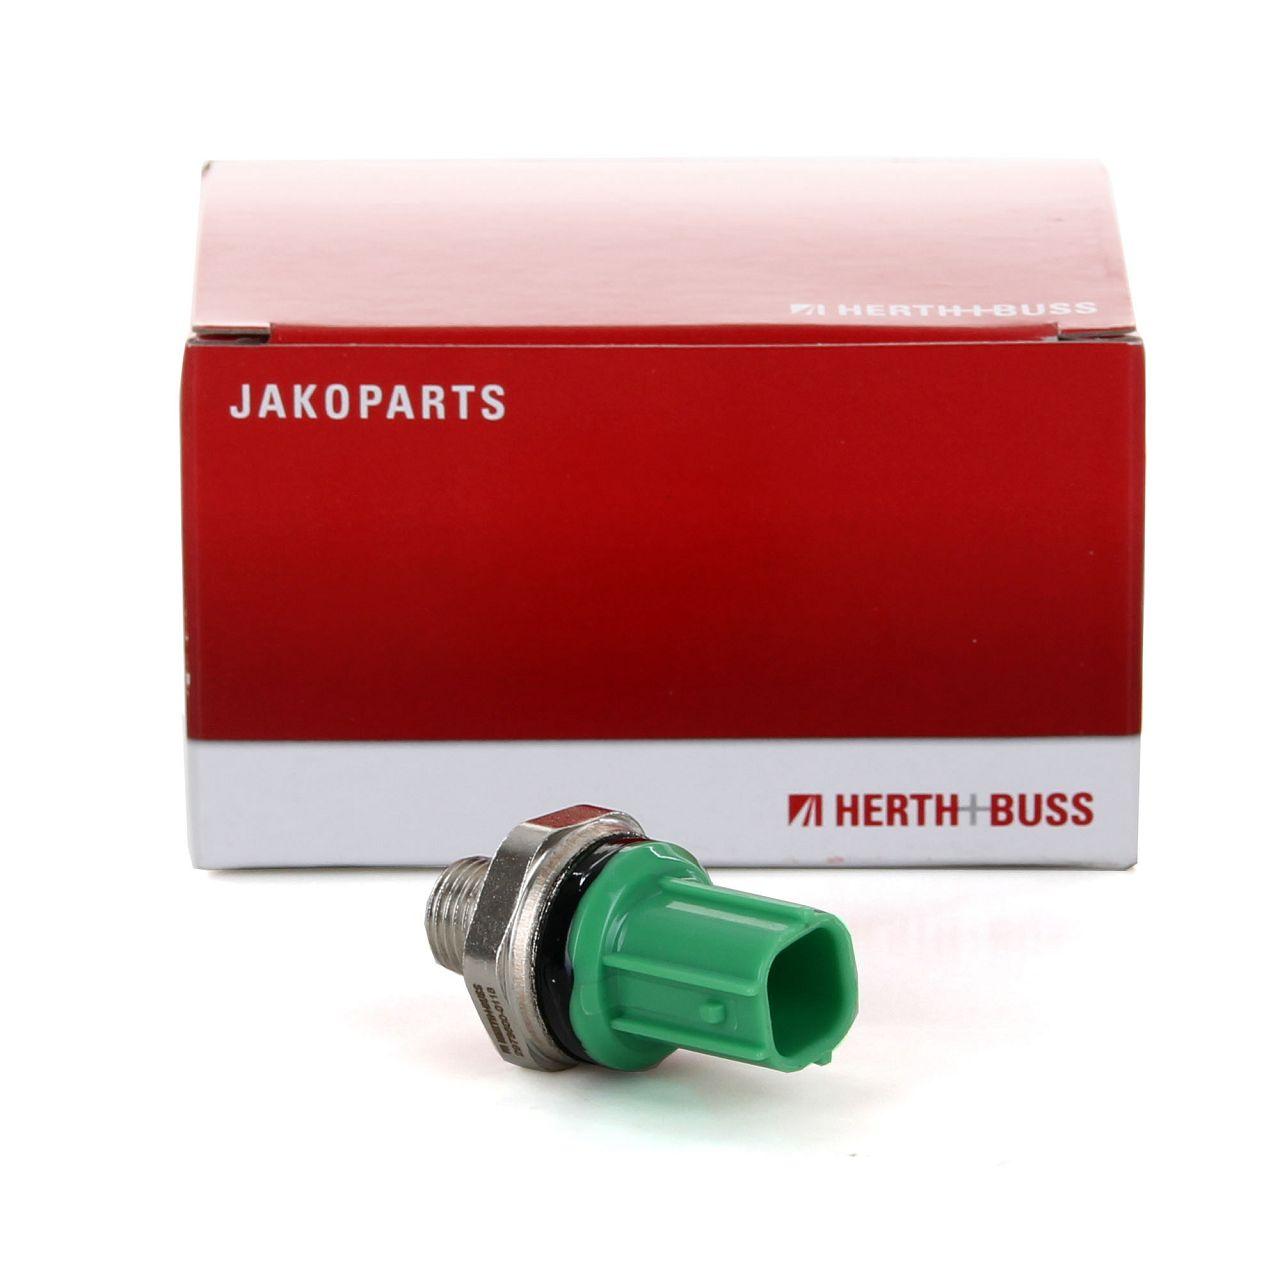 HERTH+BUSS JAKOPARTS Klopfsensor für HONDA CIVIC VII VIII Hatchback 2.0 Type R